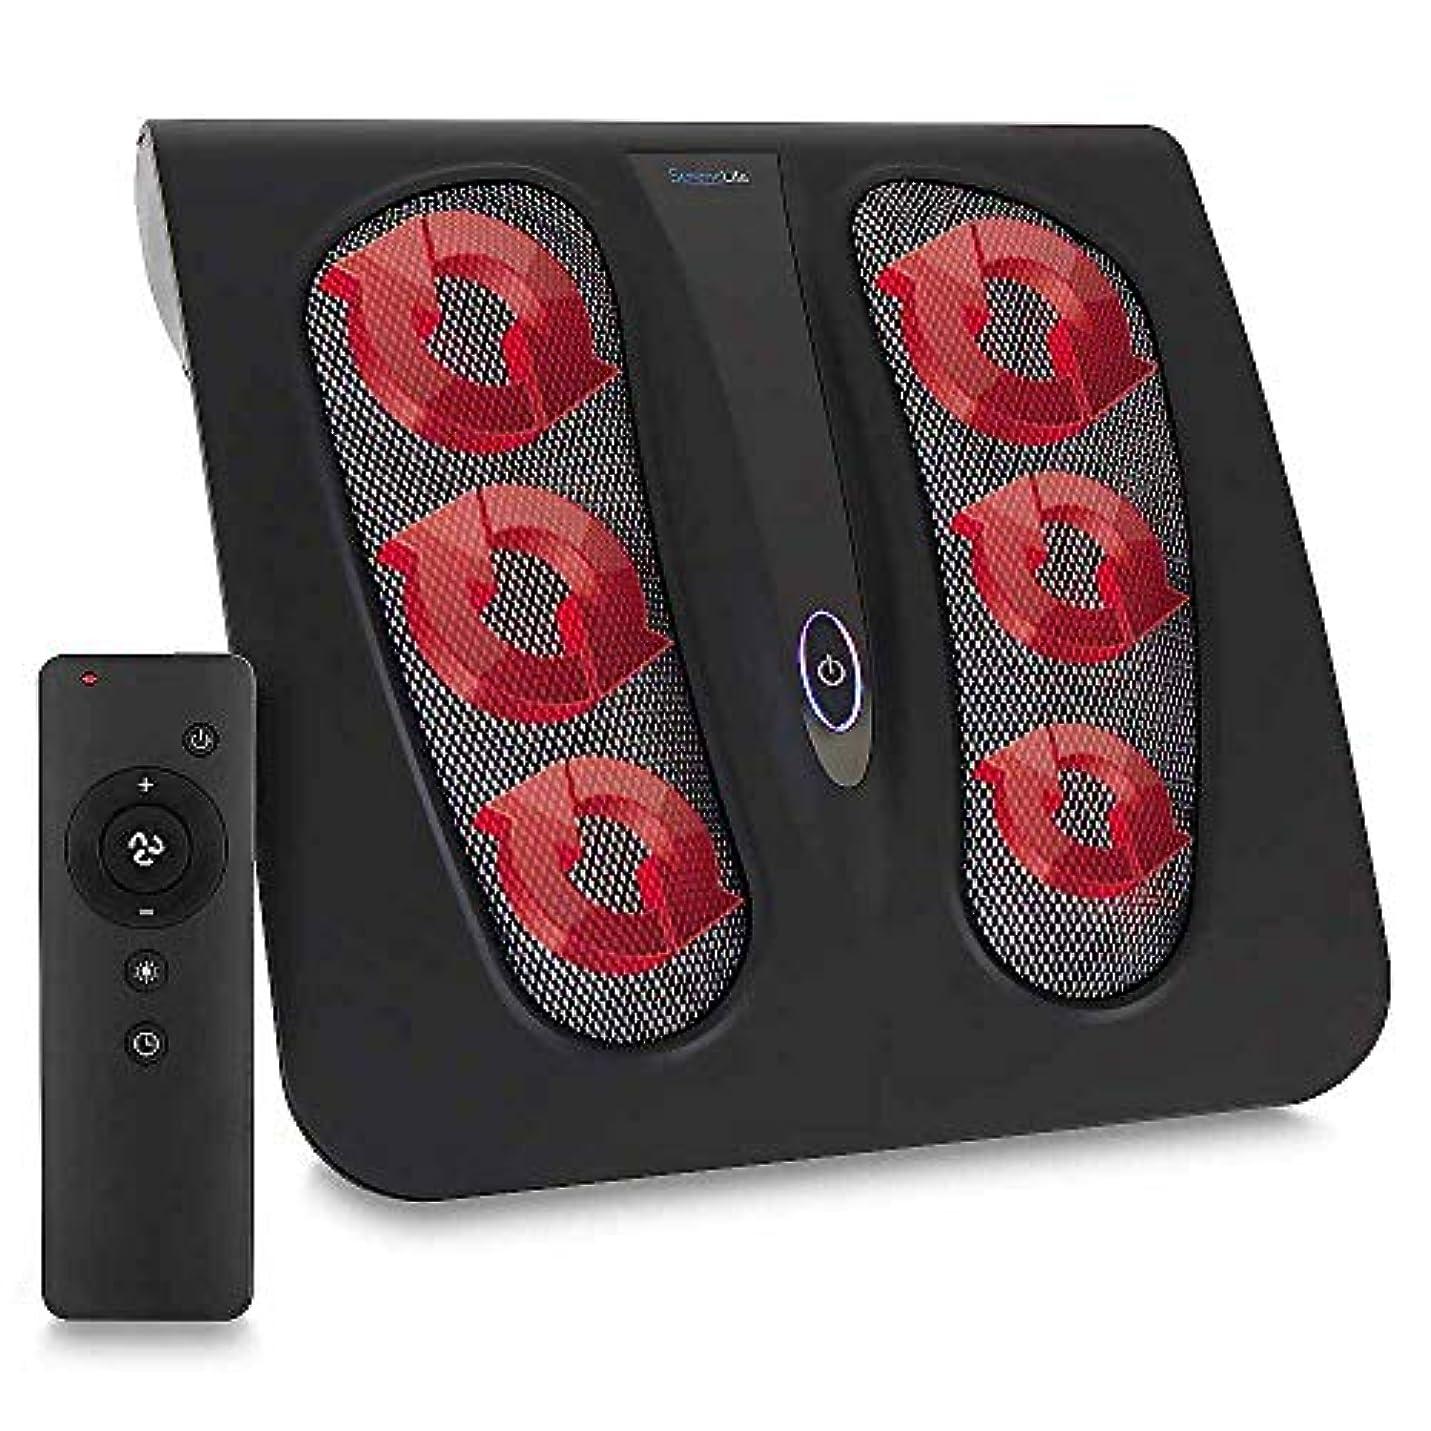 岩珍しい先SereneLife Deep Kneading Shiatsu Foot Massager - Home Spa Foot Therapy Massage Machine with Heat Function, Remote...